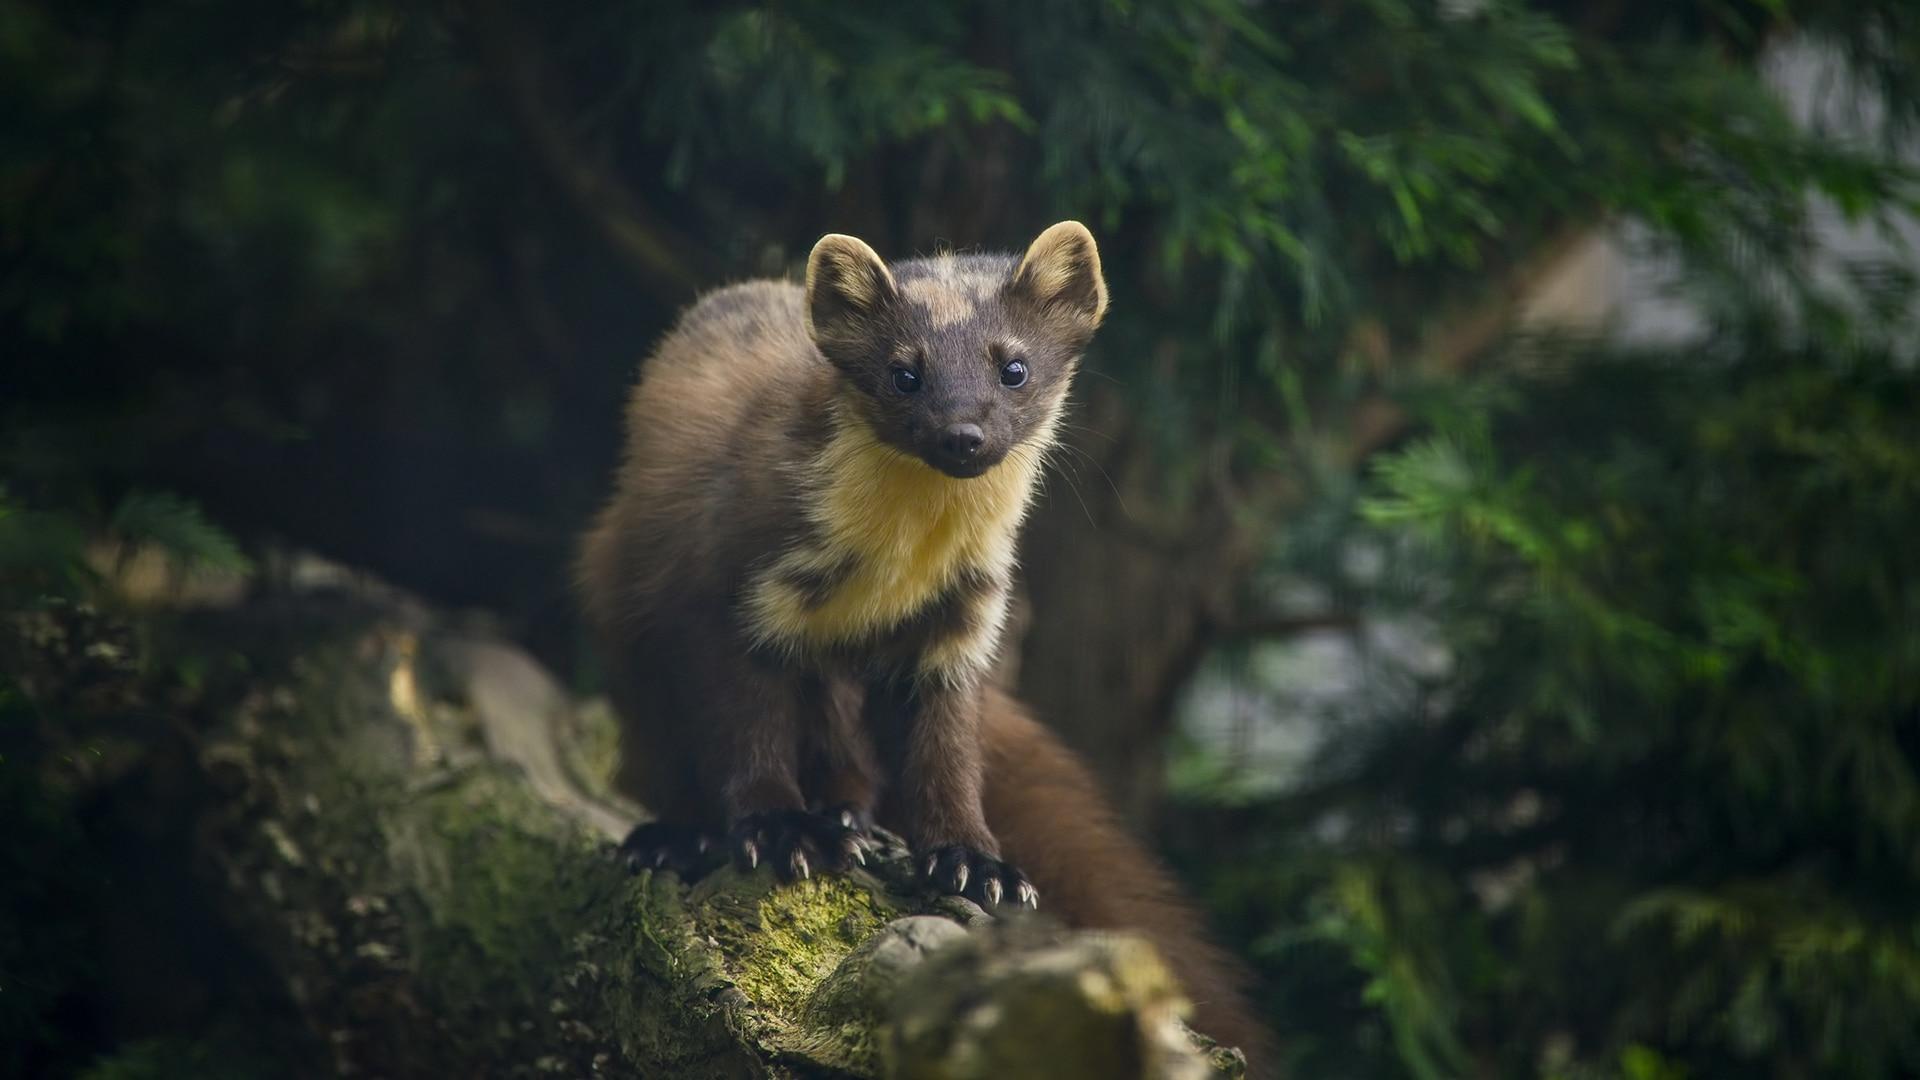 Você está interessado em estudar natureza e animais? Study M.Sc. Em Zoologia, com as melhores faculdades 2